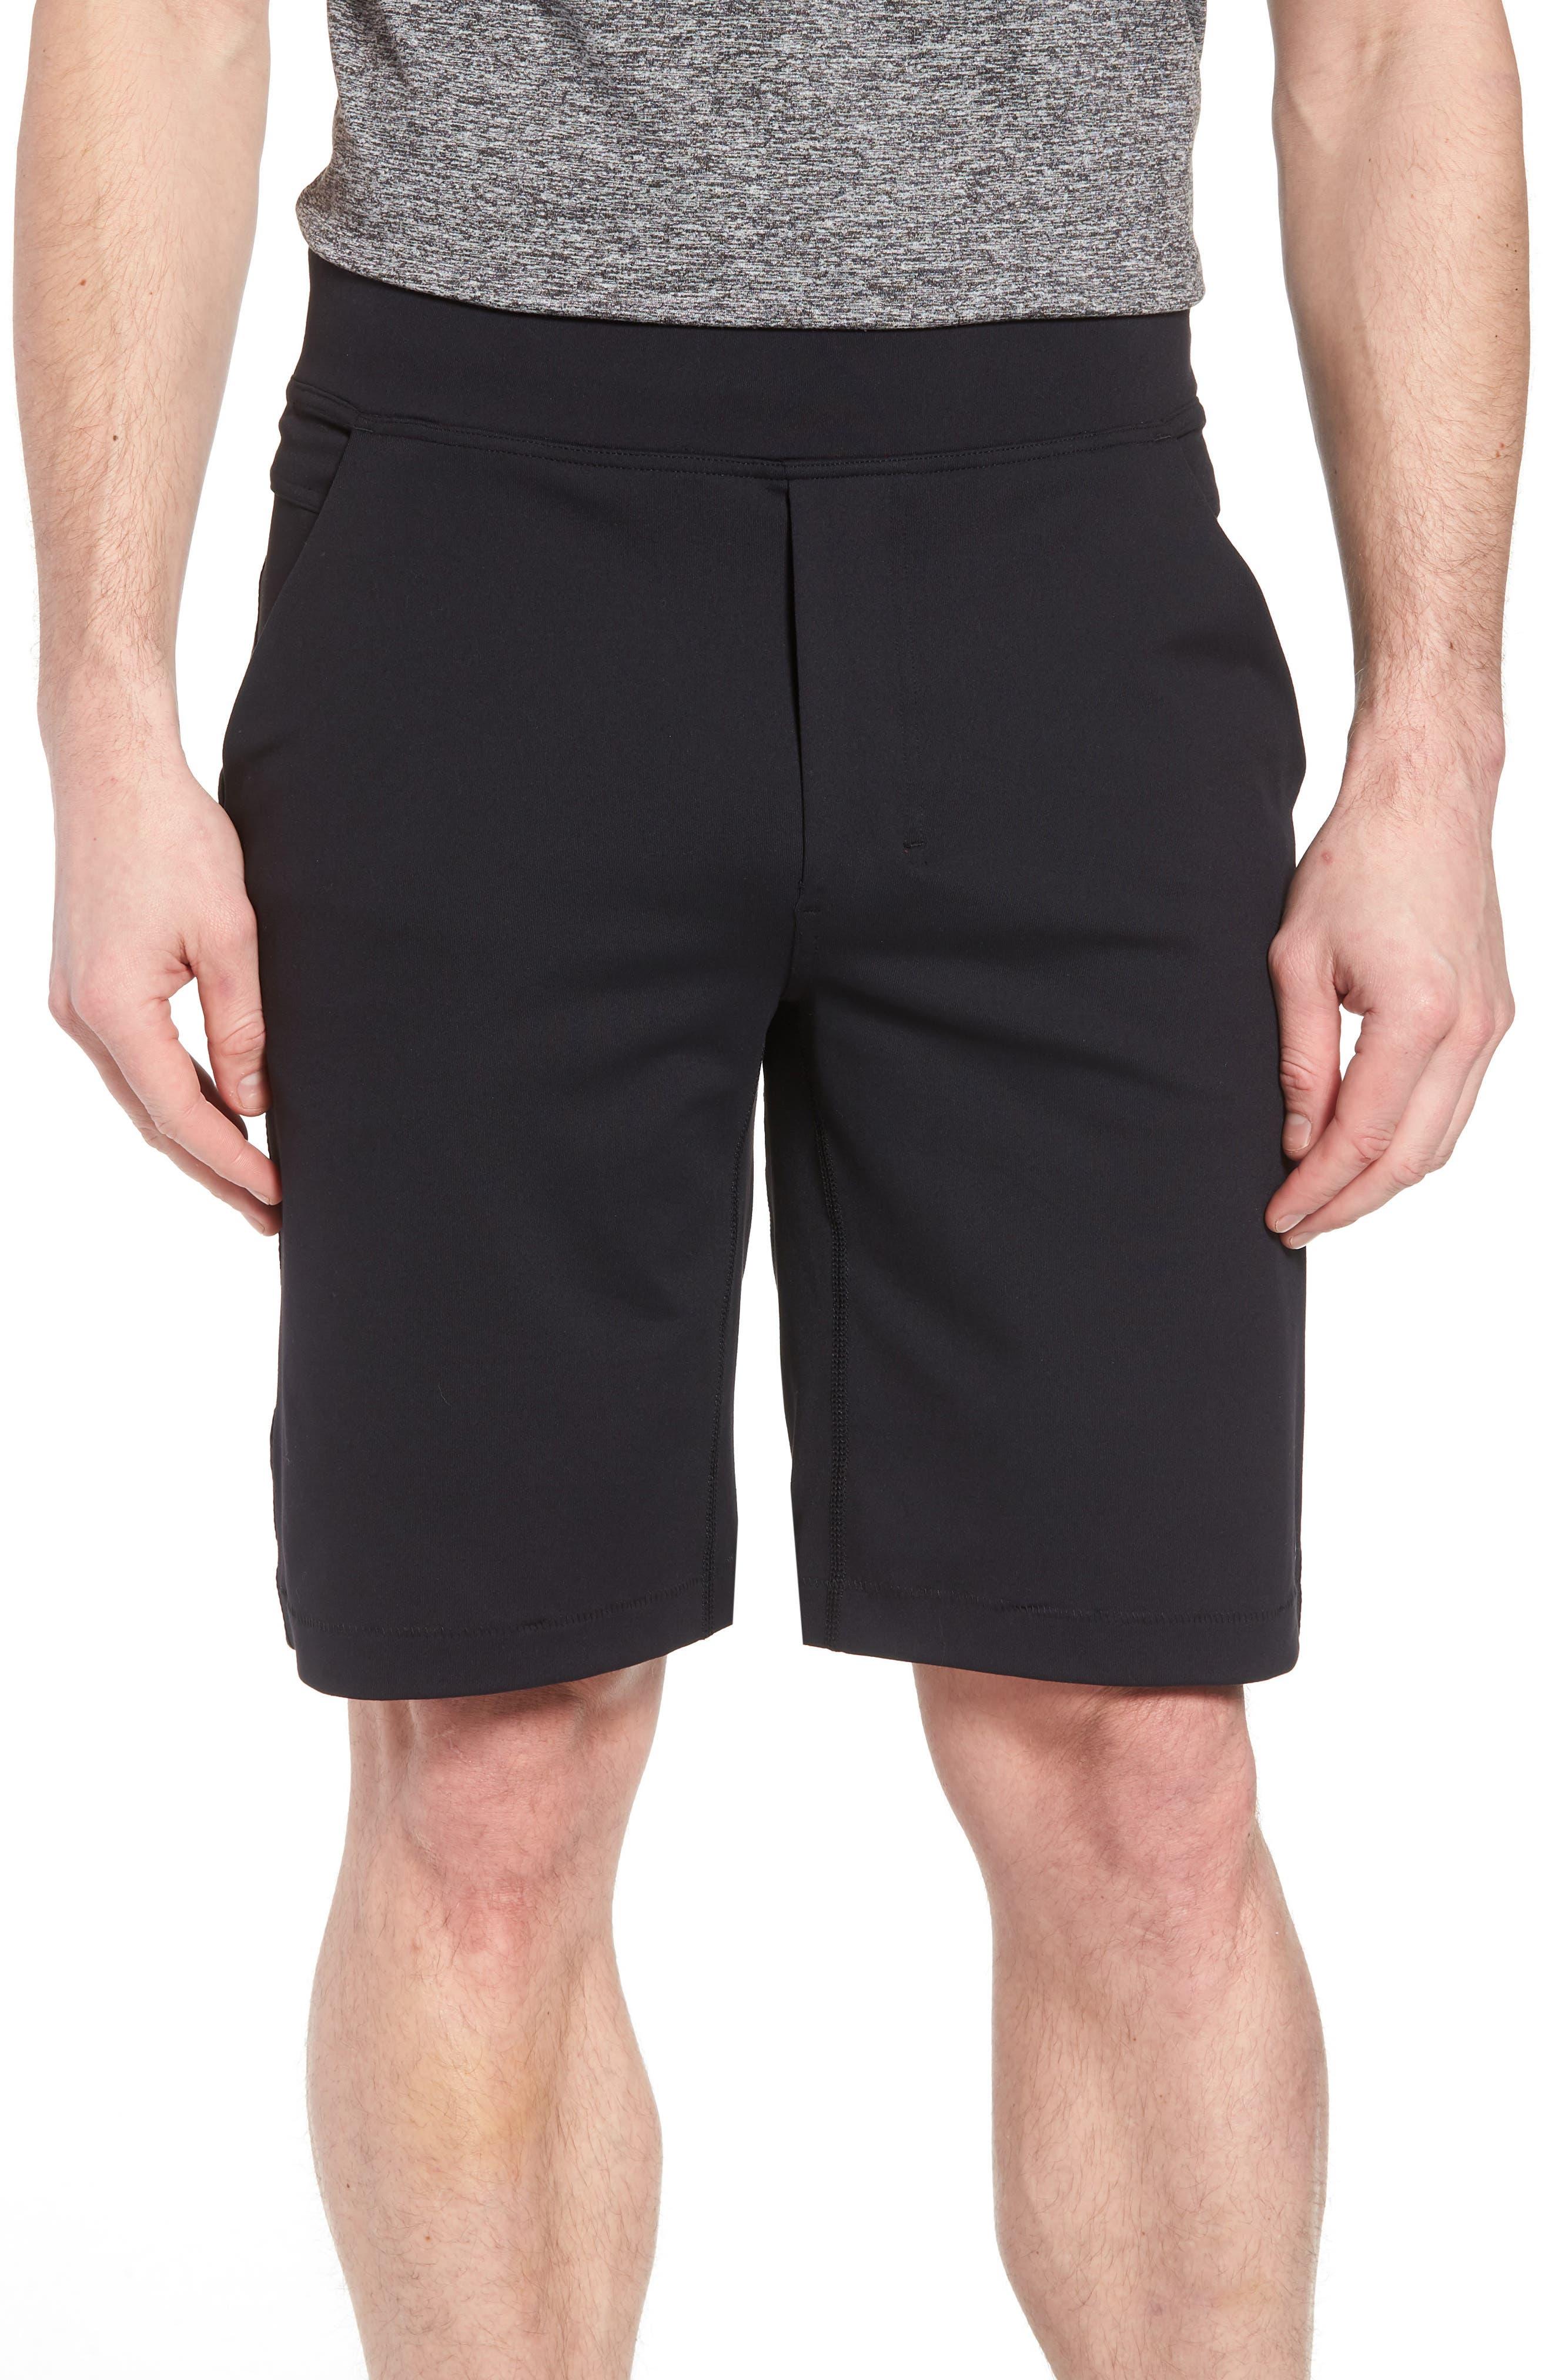 206 Shorts,                             Main thumbnail 1, color,                             BLACK